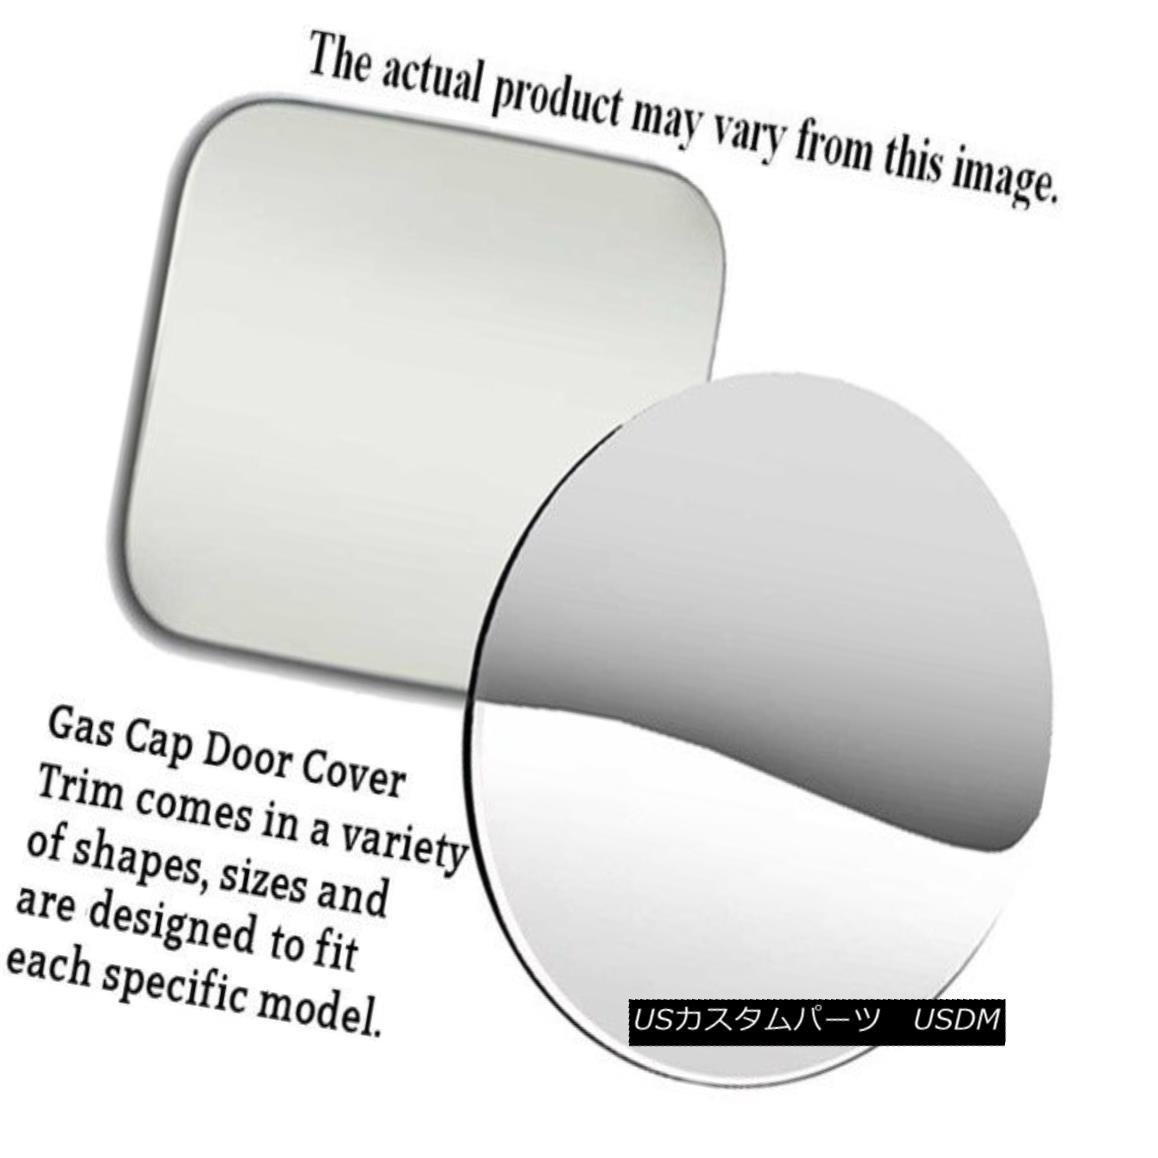 グリル Fits 1985-1990 PONTIAC GRAND AM 2-door -Stainless Steel GAS CAP DOOR フィット1985-1990 PONTIAC GRAND AM 2ドア - ステンレススチールガスCAP DOOR